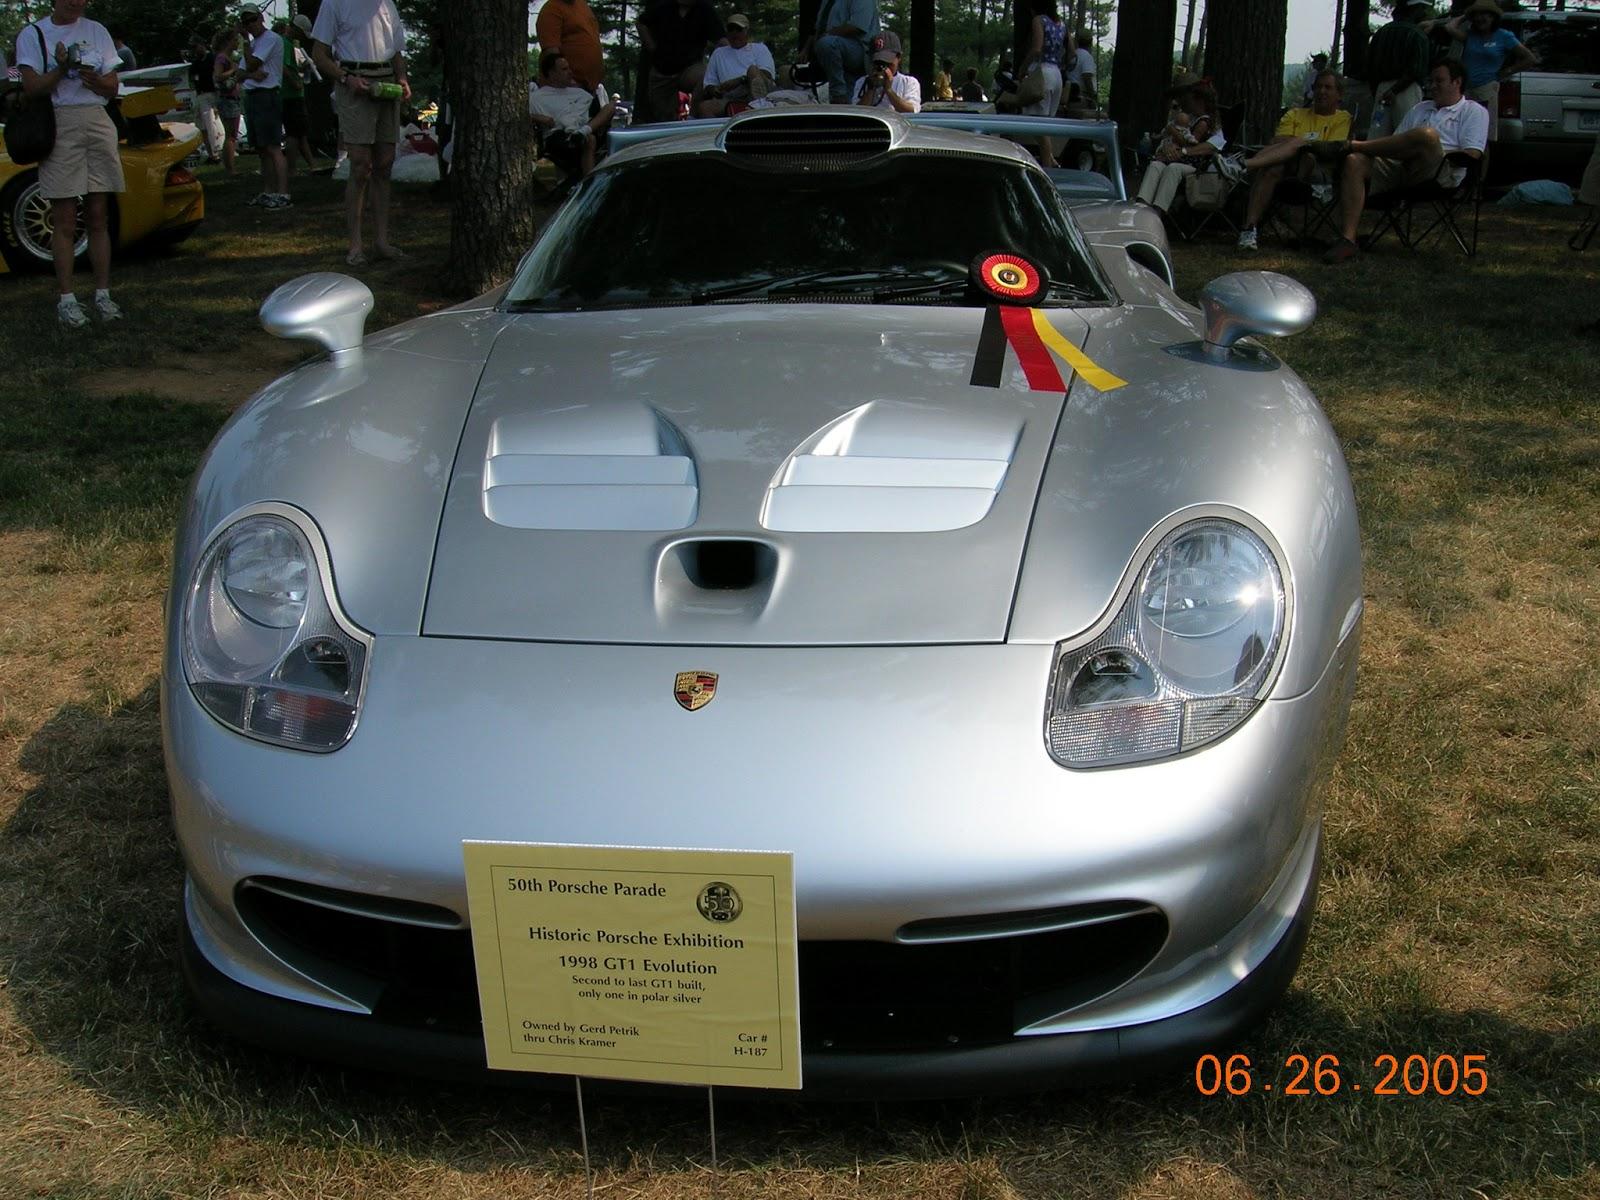 1998+Porsche+GT1+Strassenversion+Street+Version+Front Wonderful 1998 Porsche 911 Gt1 Specs Cars Trend